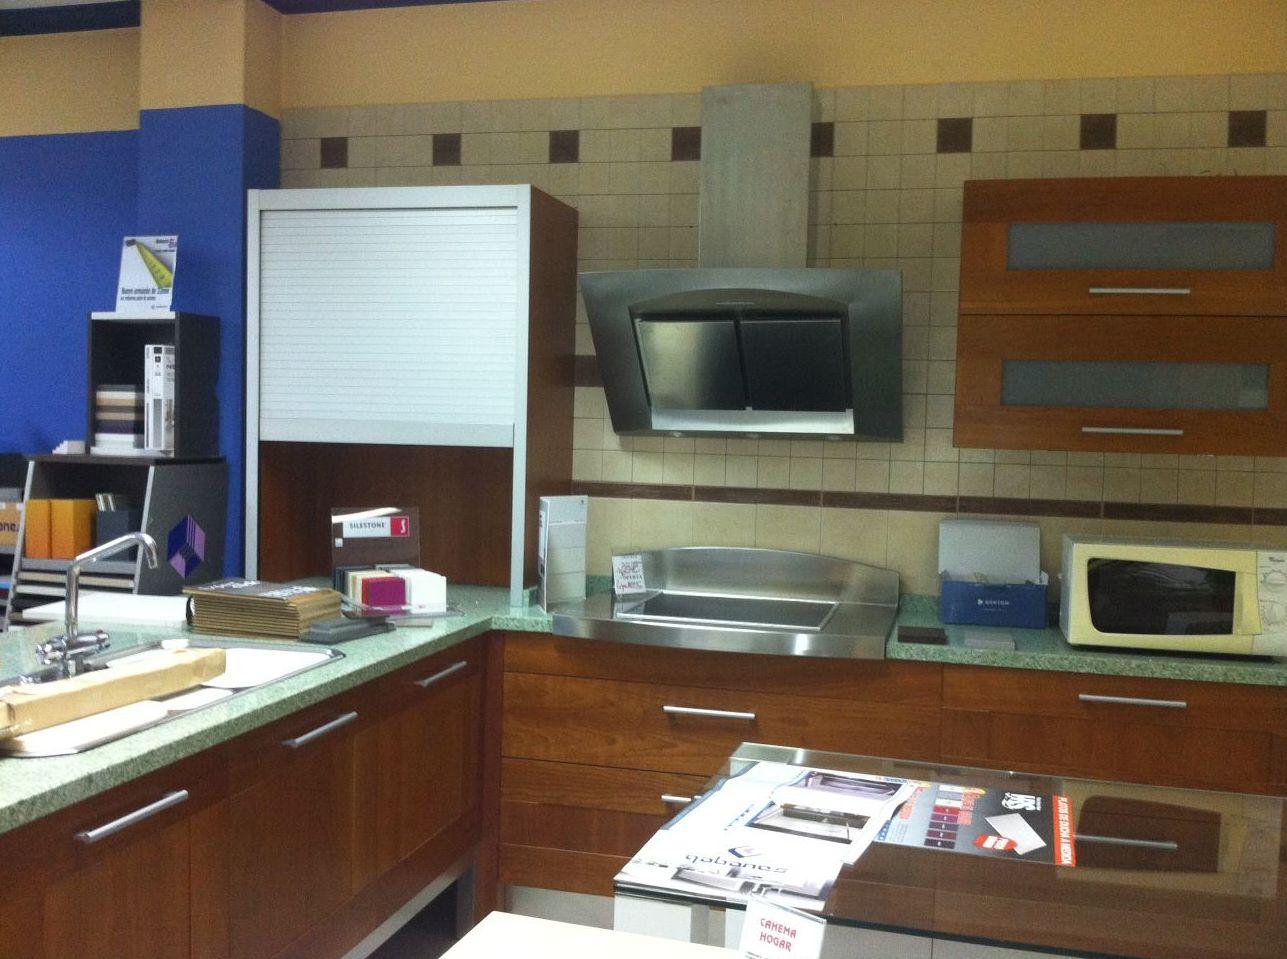 Foto 4 de muebles de ba o y cocina en gij n cahema hogar - Cocinas en gijon ...